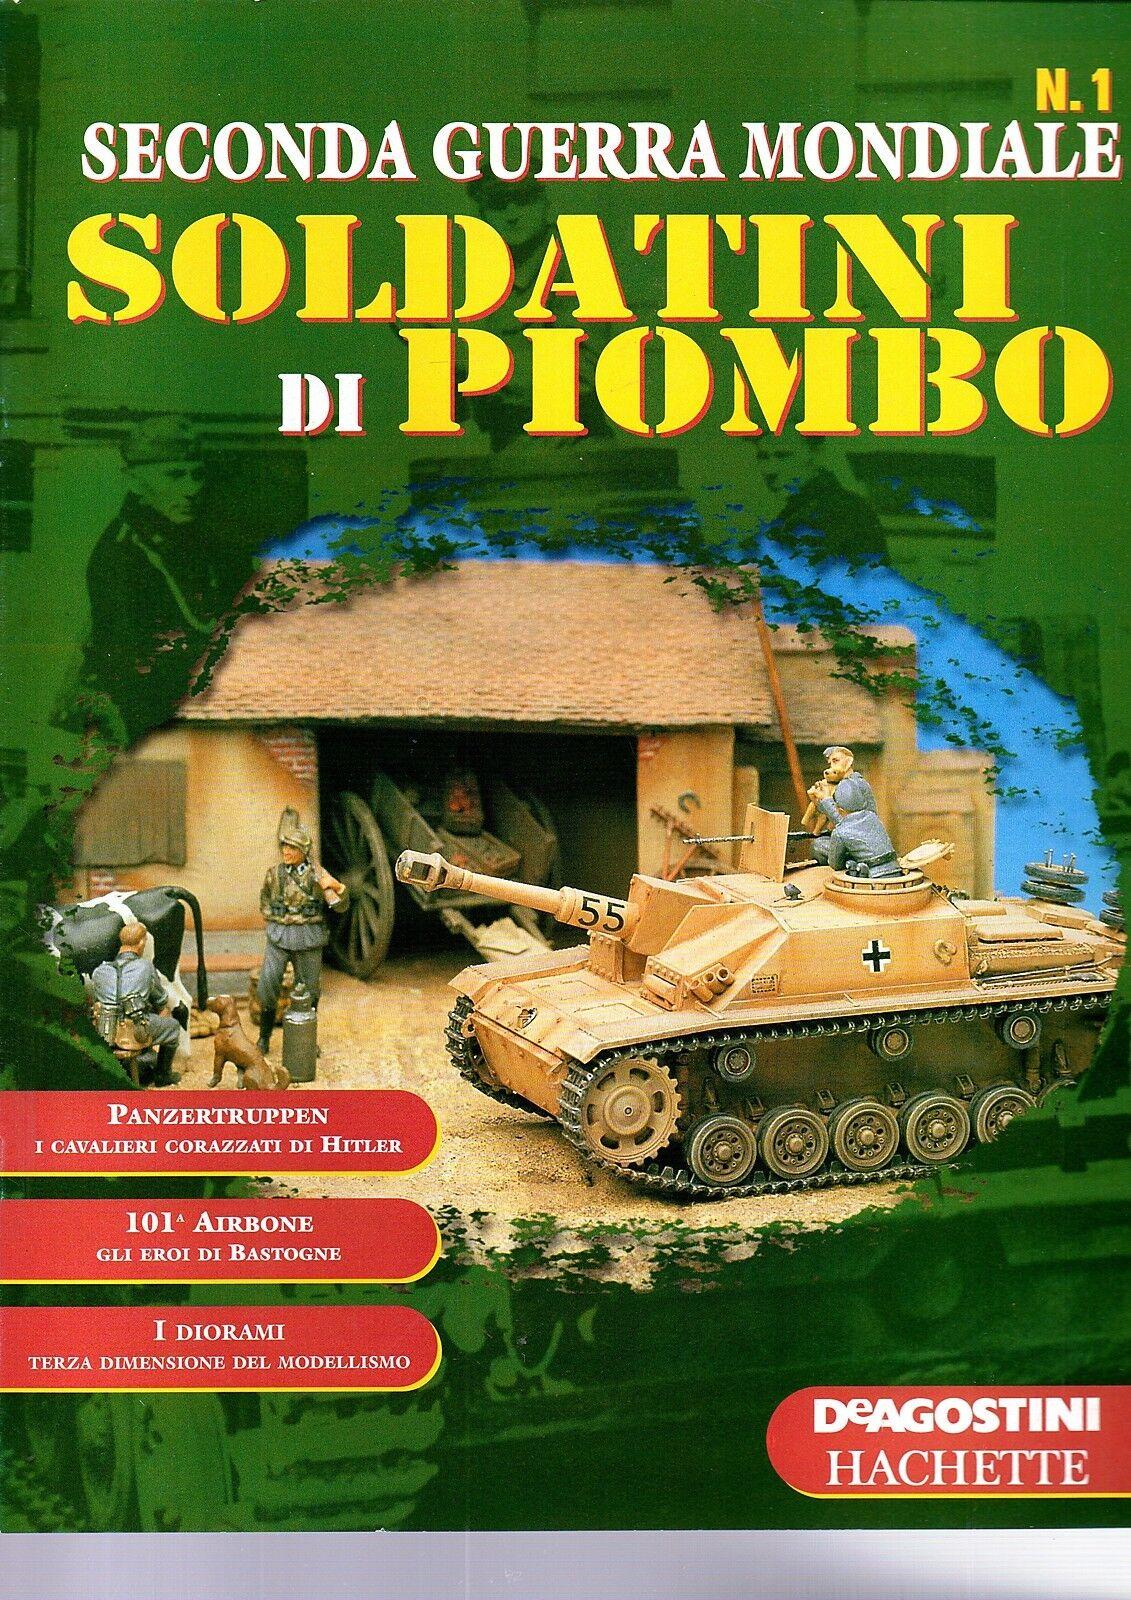 SOLDATINI DI PIOMBO - Seconda guerra mondiale  fascicoli 1 50 COMPLETA  NUOVO